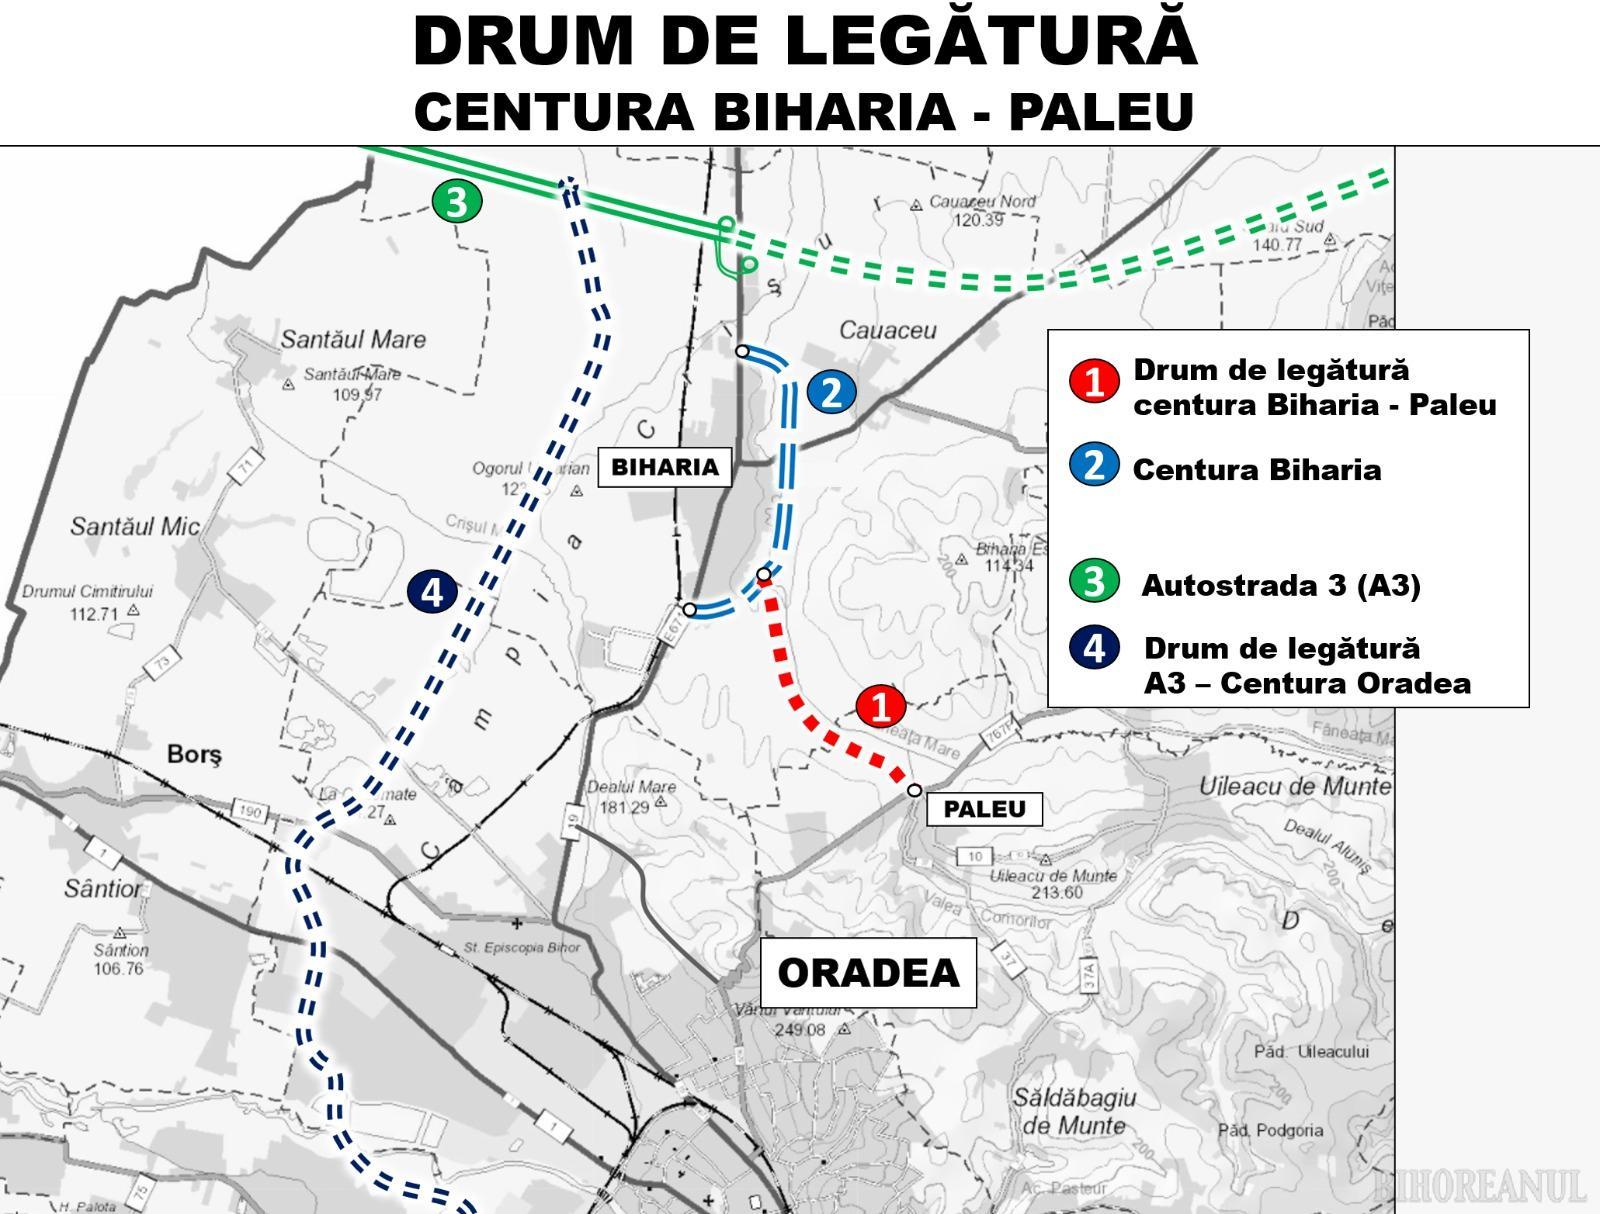 Drum nou în Zona Metropolitană Oradea, între Paleu și Biharia, dar și piste pentru bicicliști în jurul orașului